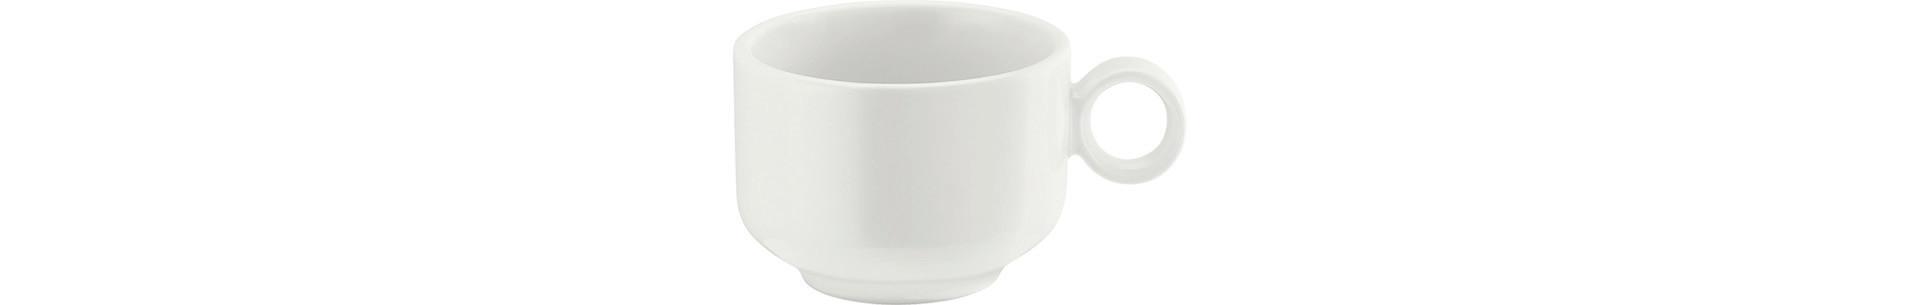 Shiro, Espressotasse ø 64 mm / 0,09 l